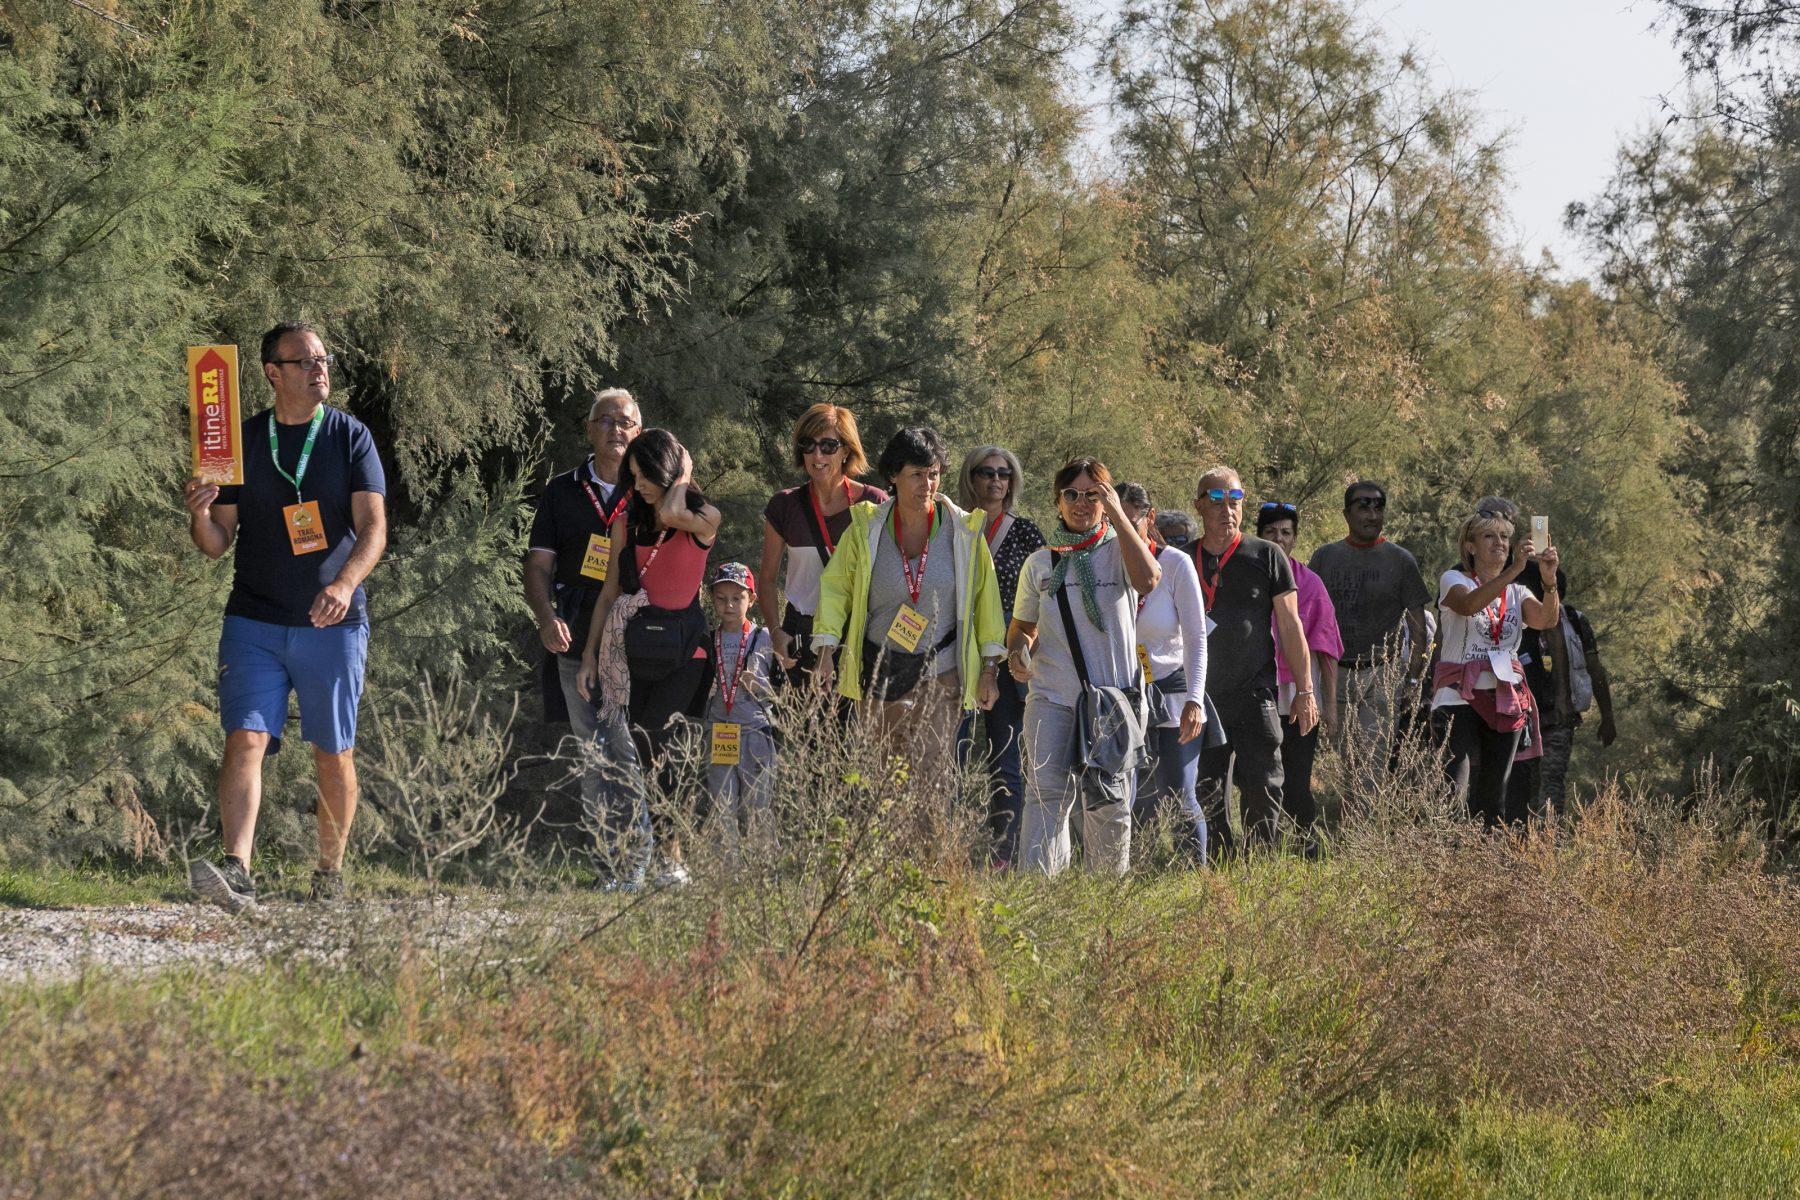 [Parlami di tER] A Ravenna ItineRa, la Festa del Cammino Consapevole